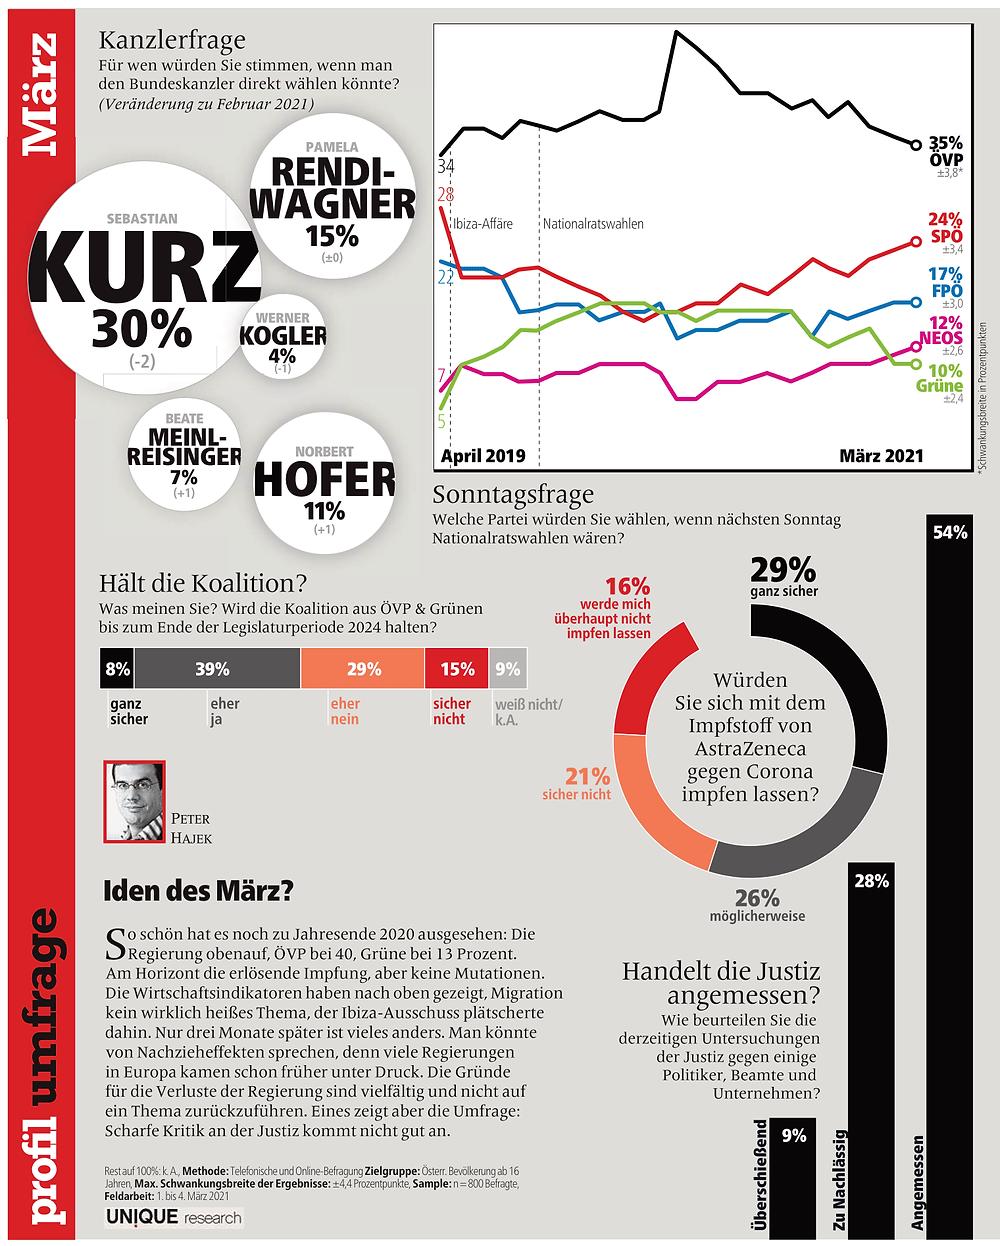 unique research peter hajek josef kalina umfrage politik wahlen waehlertrend profil hochschaetzung sonntagsfrage maerz print artikel profil 2021